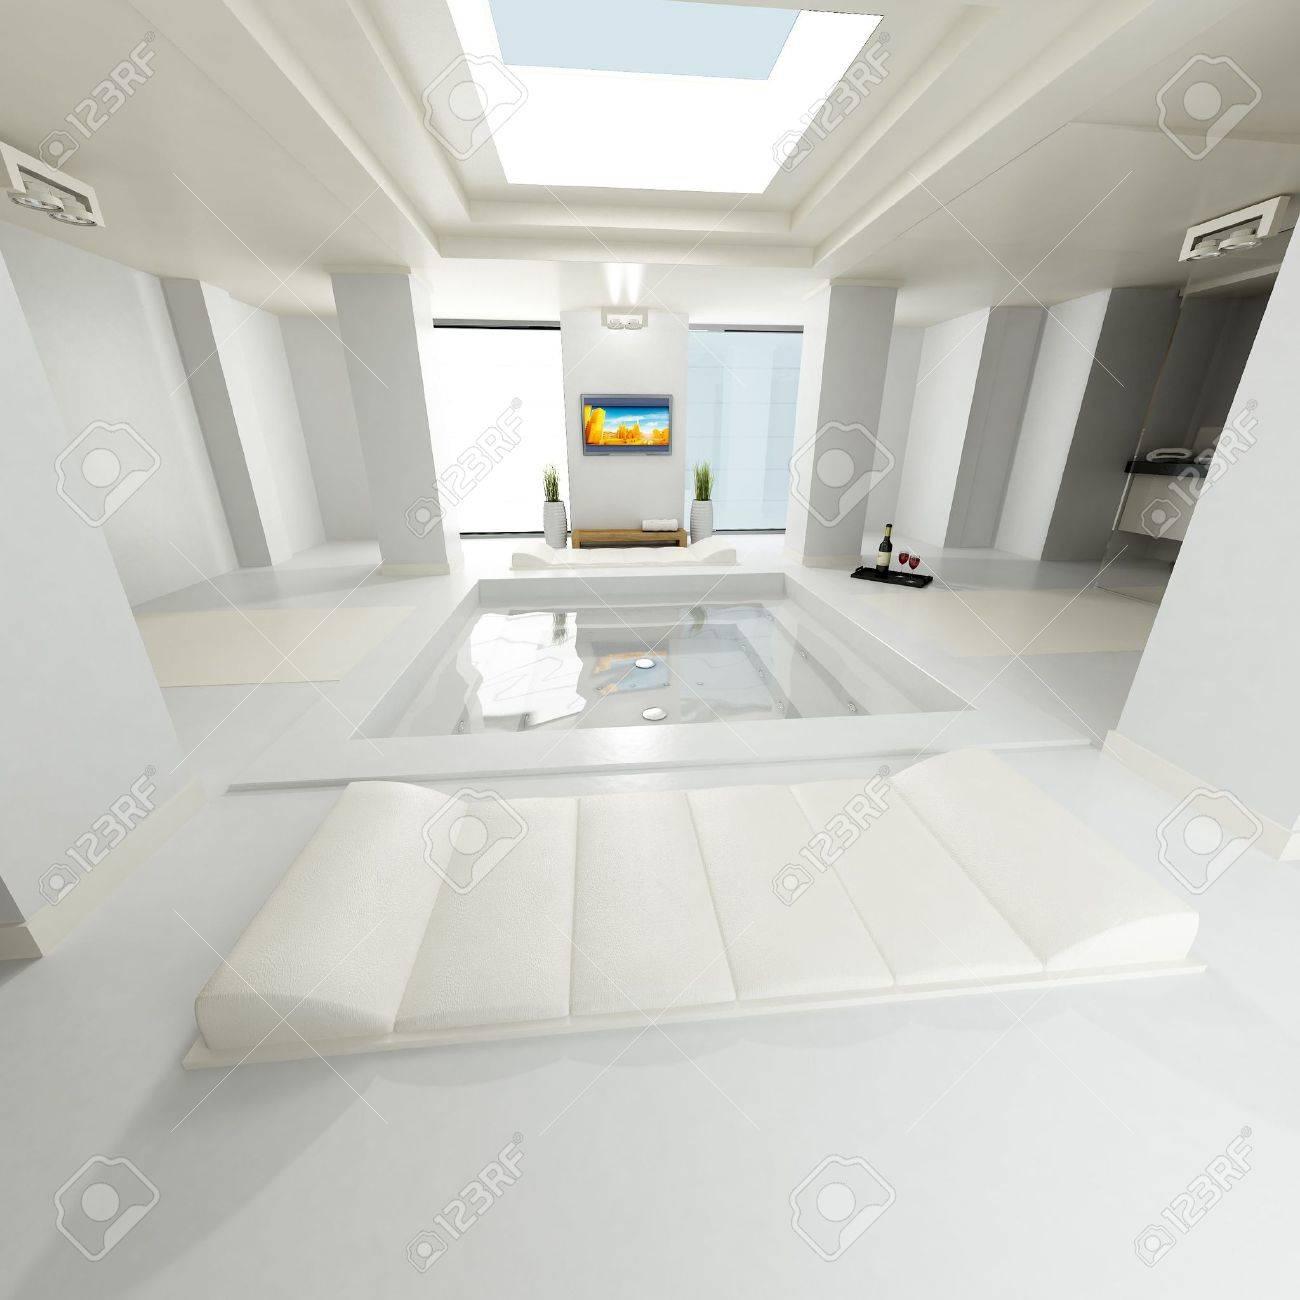 Großes Luxuriöses Badezimmer Mit Offener Decke, Lcd Tv Zu überwachen Und Zu  Anderen Design